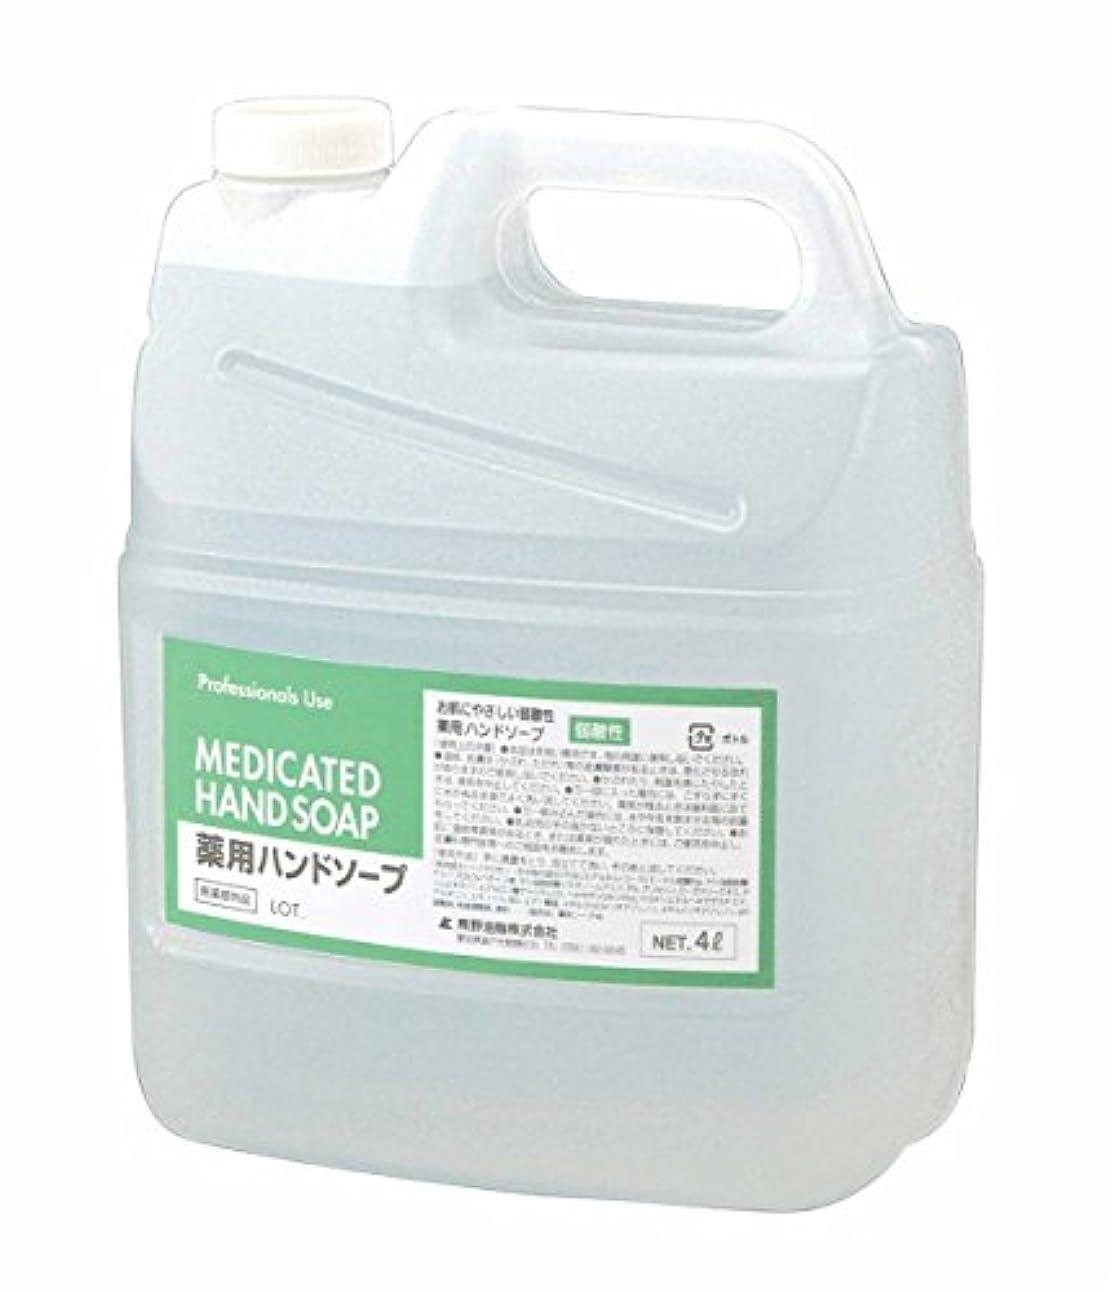 借りているクリーク対処ファーマアクト 弱酸性薬用ハンドソープ 4L